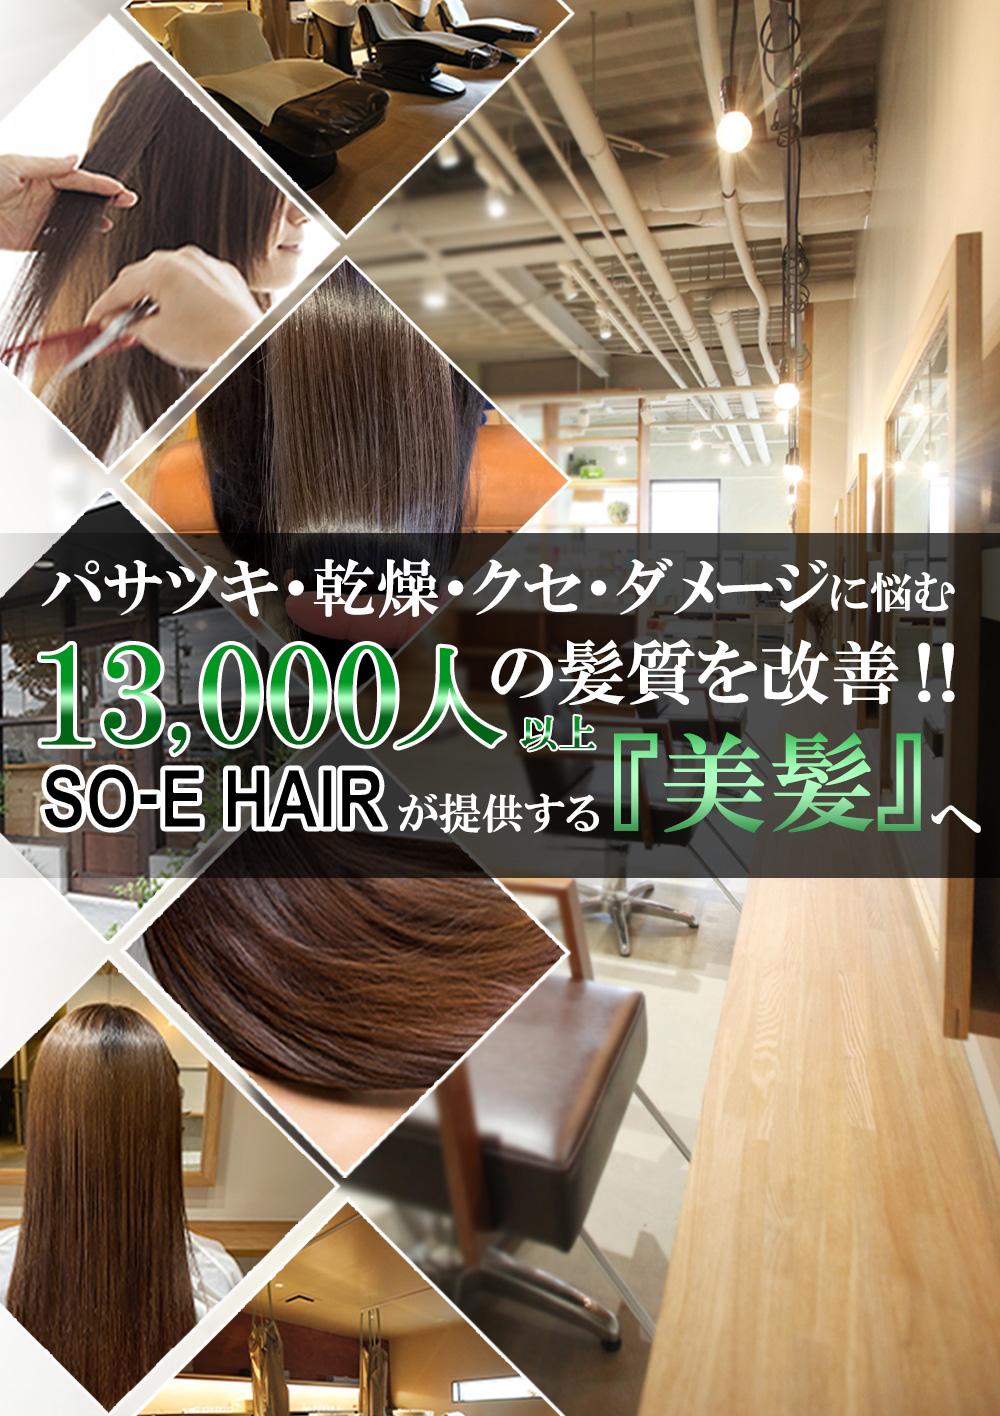 髪質改善東海市の美容室ならSO-E